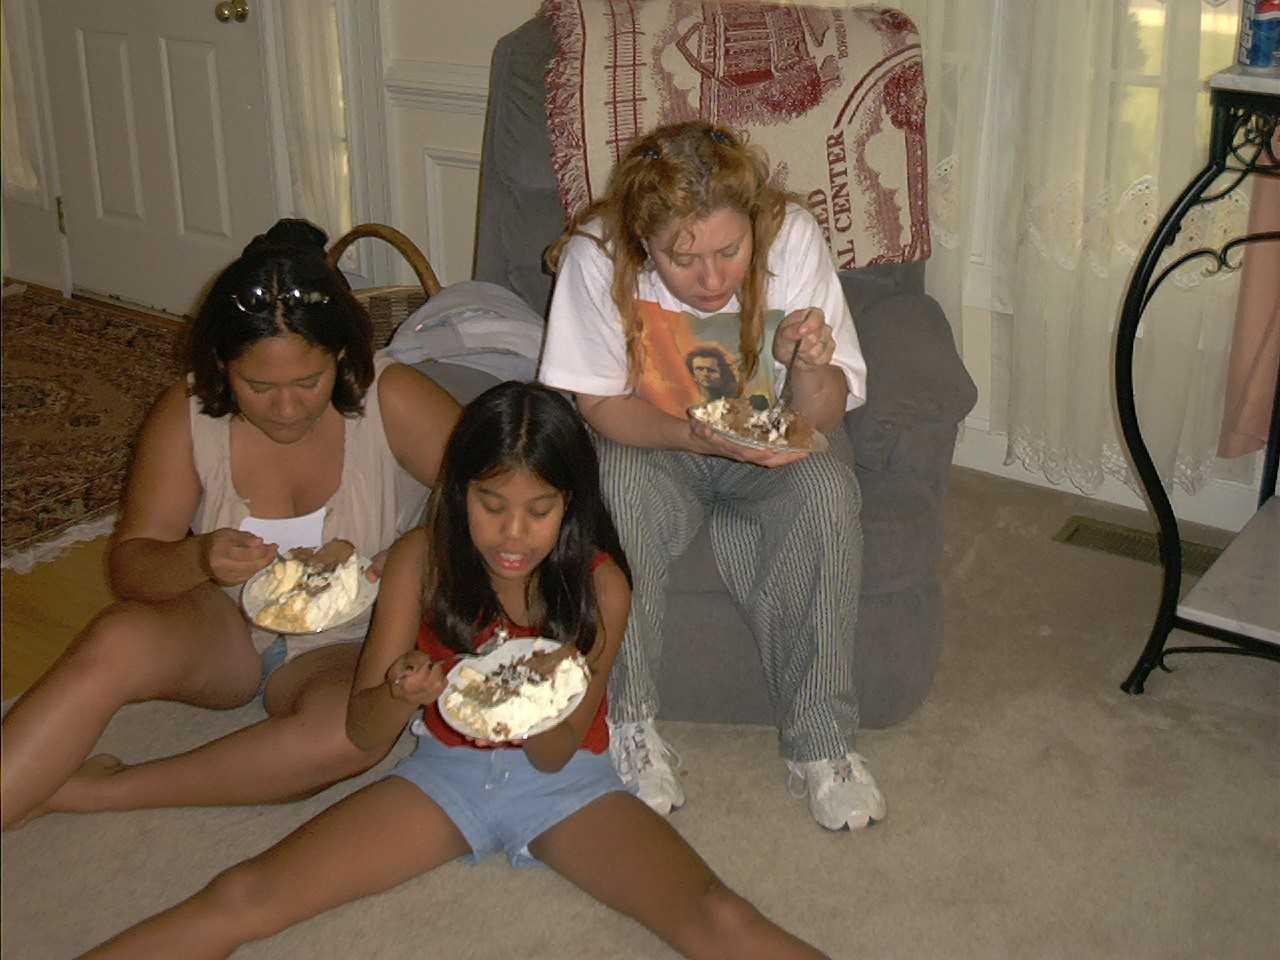 eating-cake.jpg